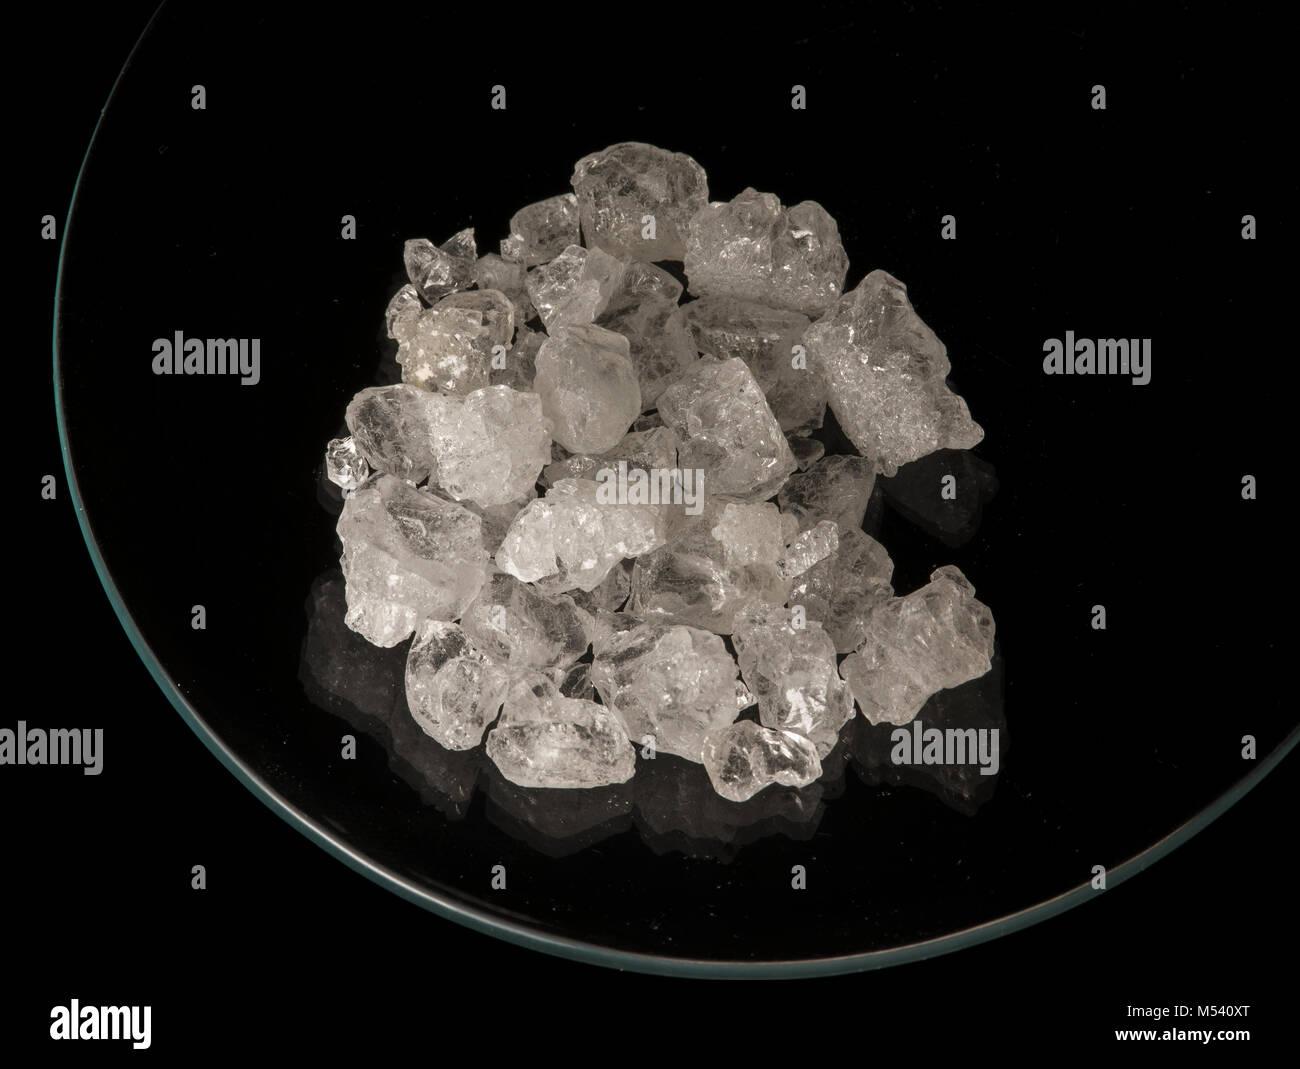 Ammonium alum (ammonium aluminium sulfate) crystals. - Stock Image